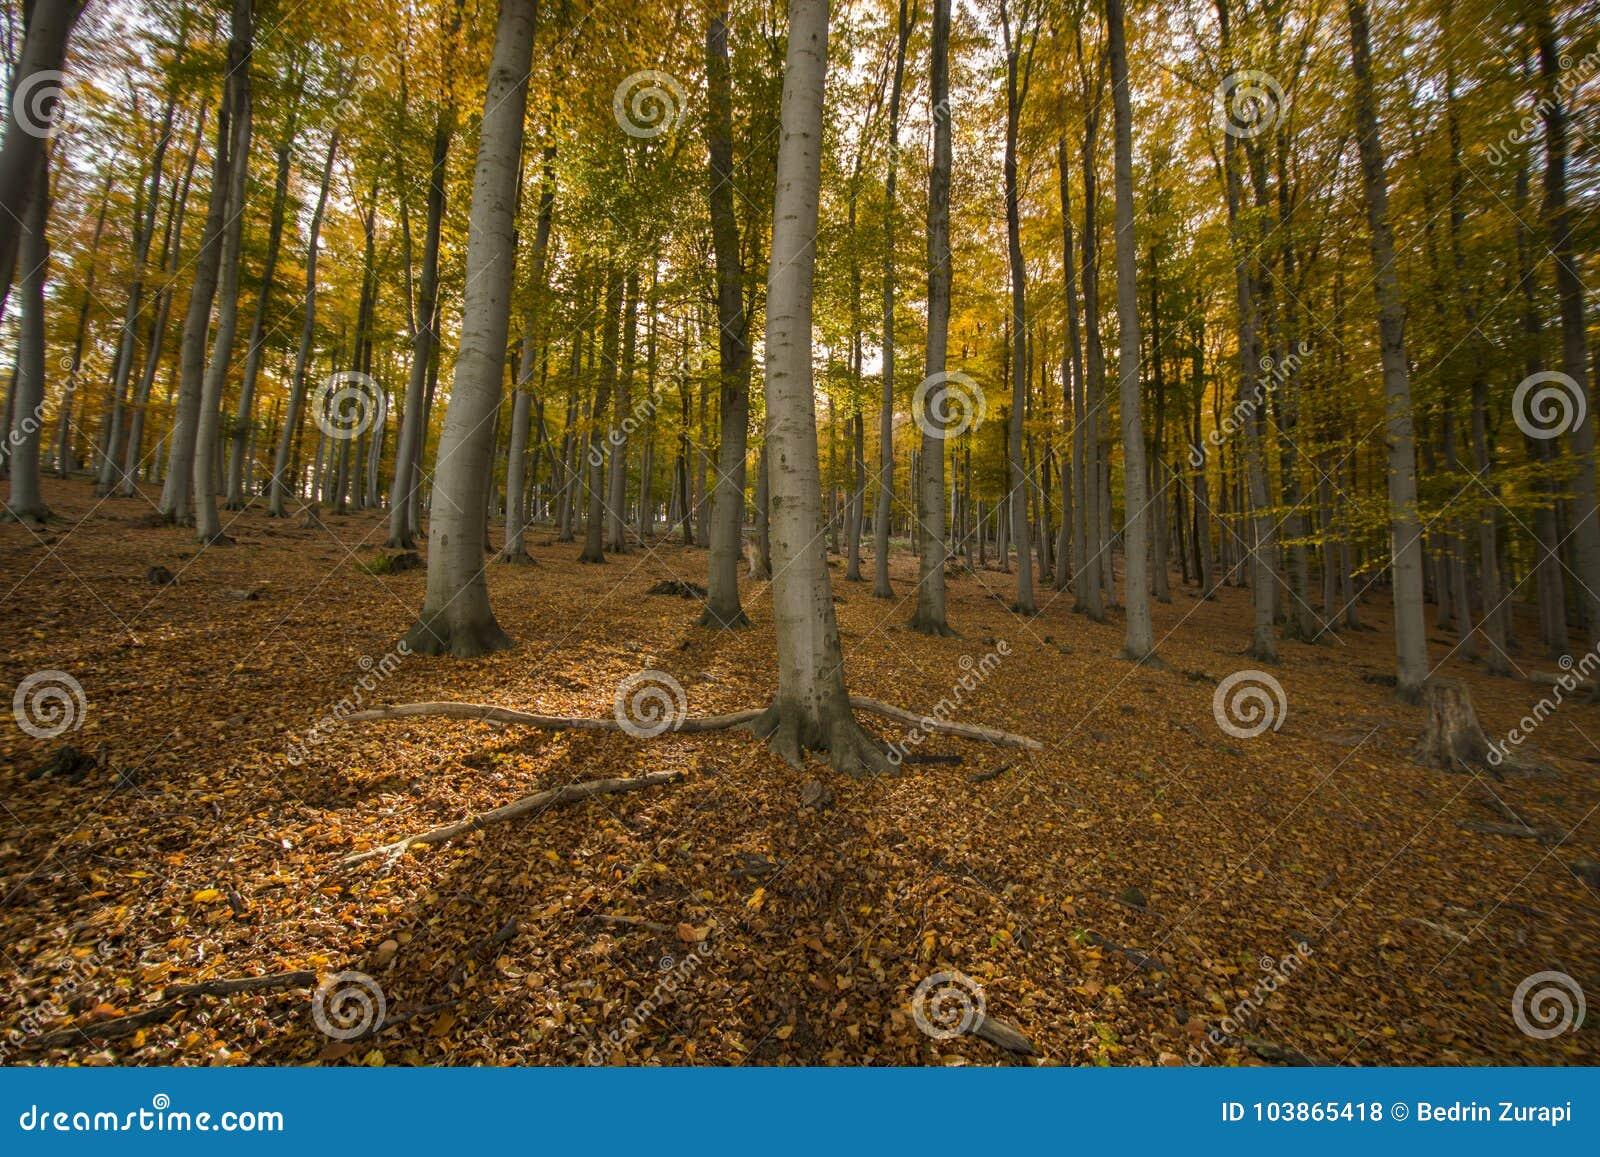 τα δασικά ξύλα flovers αγάπης χορταριών φθινοπώρου δέντρων ηλιοφάνειας φωτός του ήλιου φύσης βγάζουν φύλλα το γήινο τοπίο